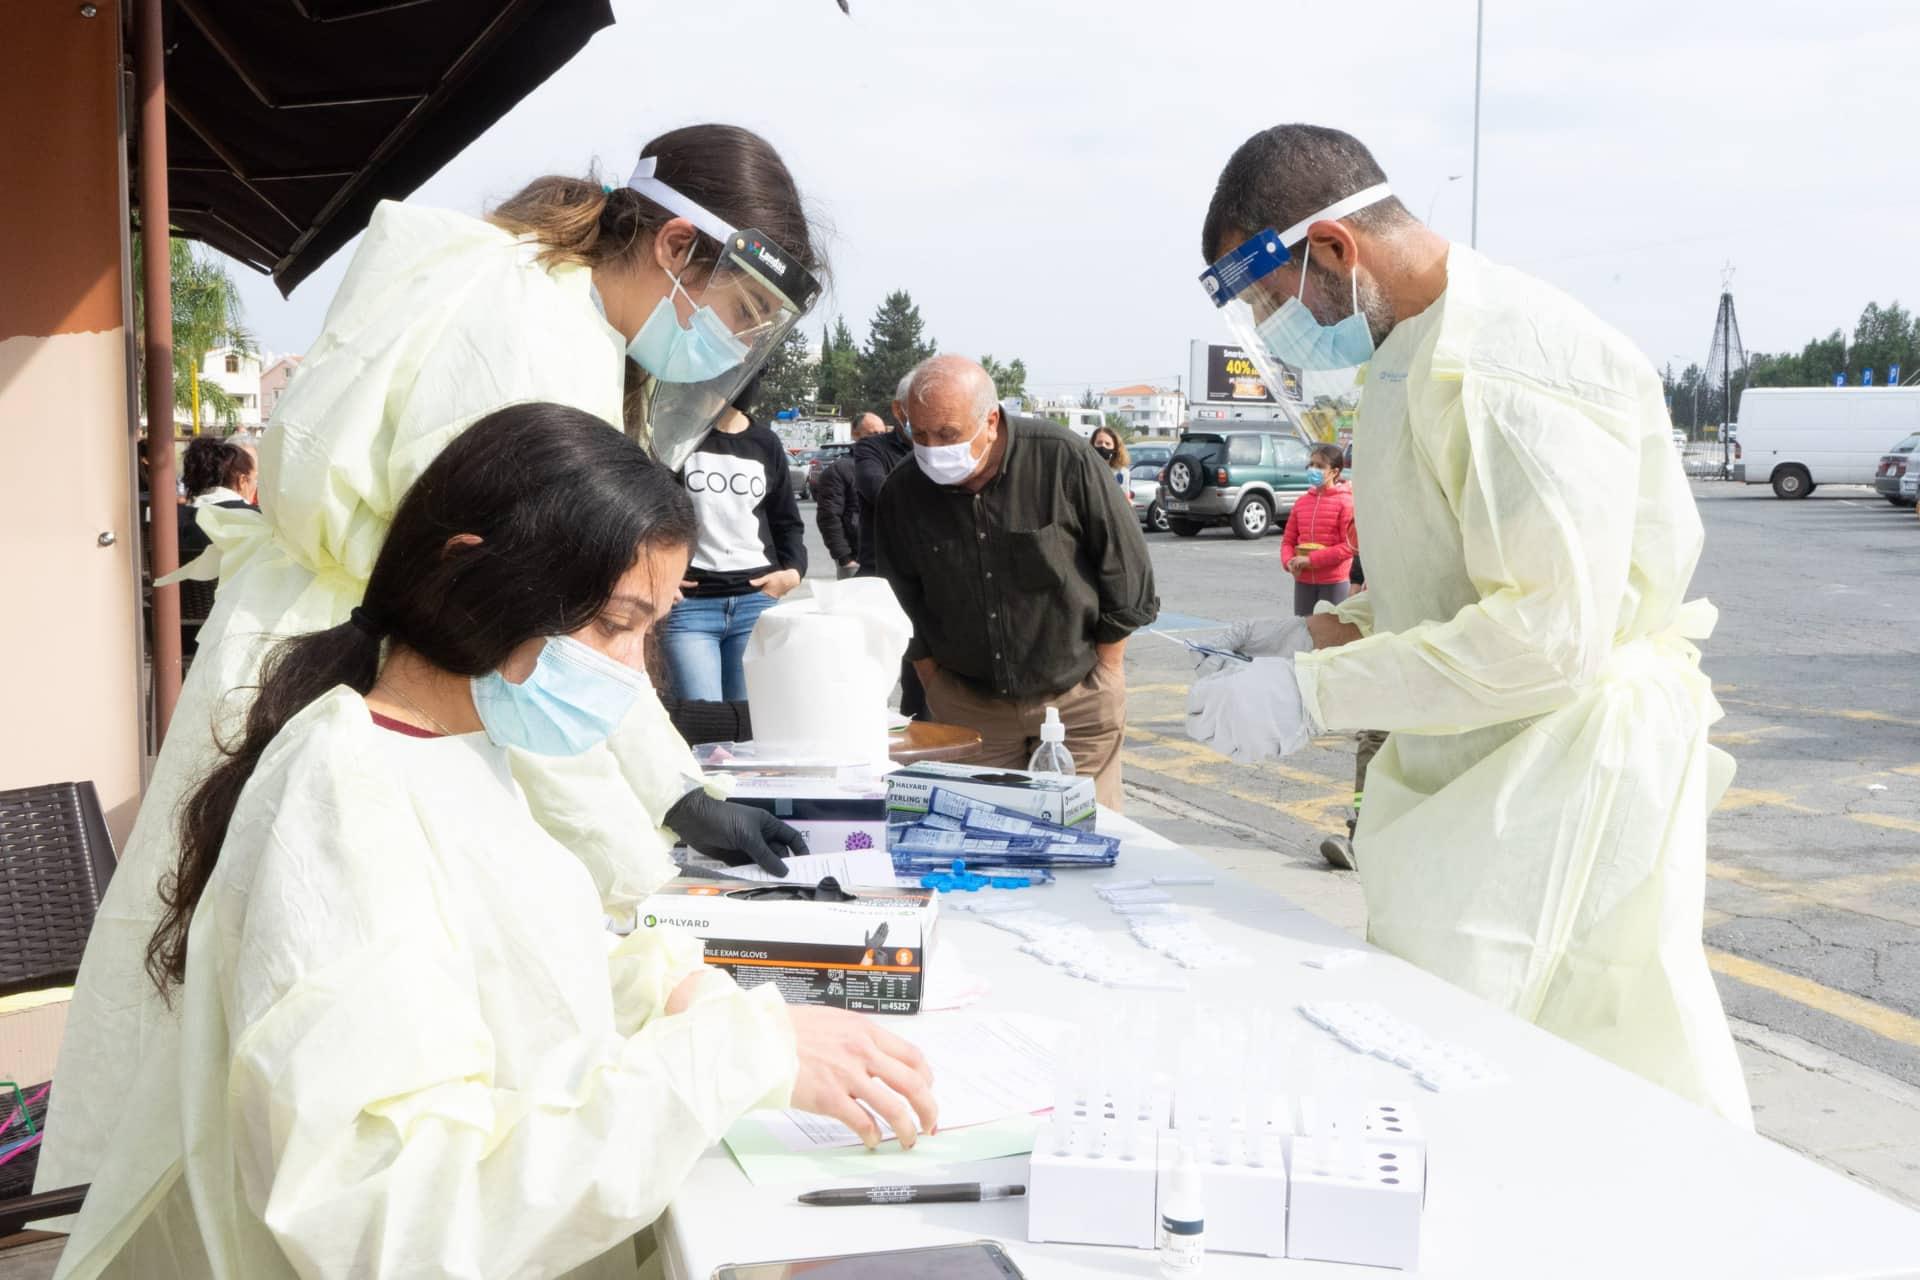 Οκτώ σημεία για rapid tests την Πέμπτη στη Λάρνακα, τρία στην Αμμόχωστο